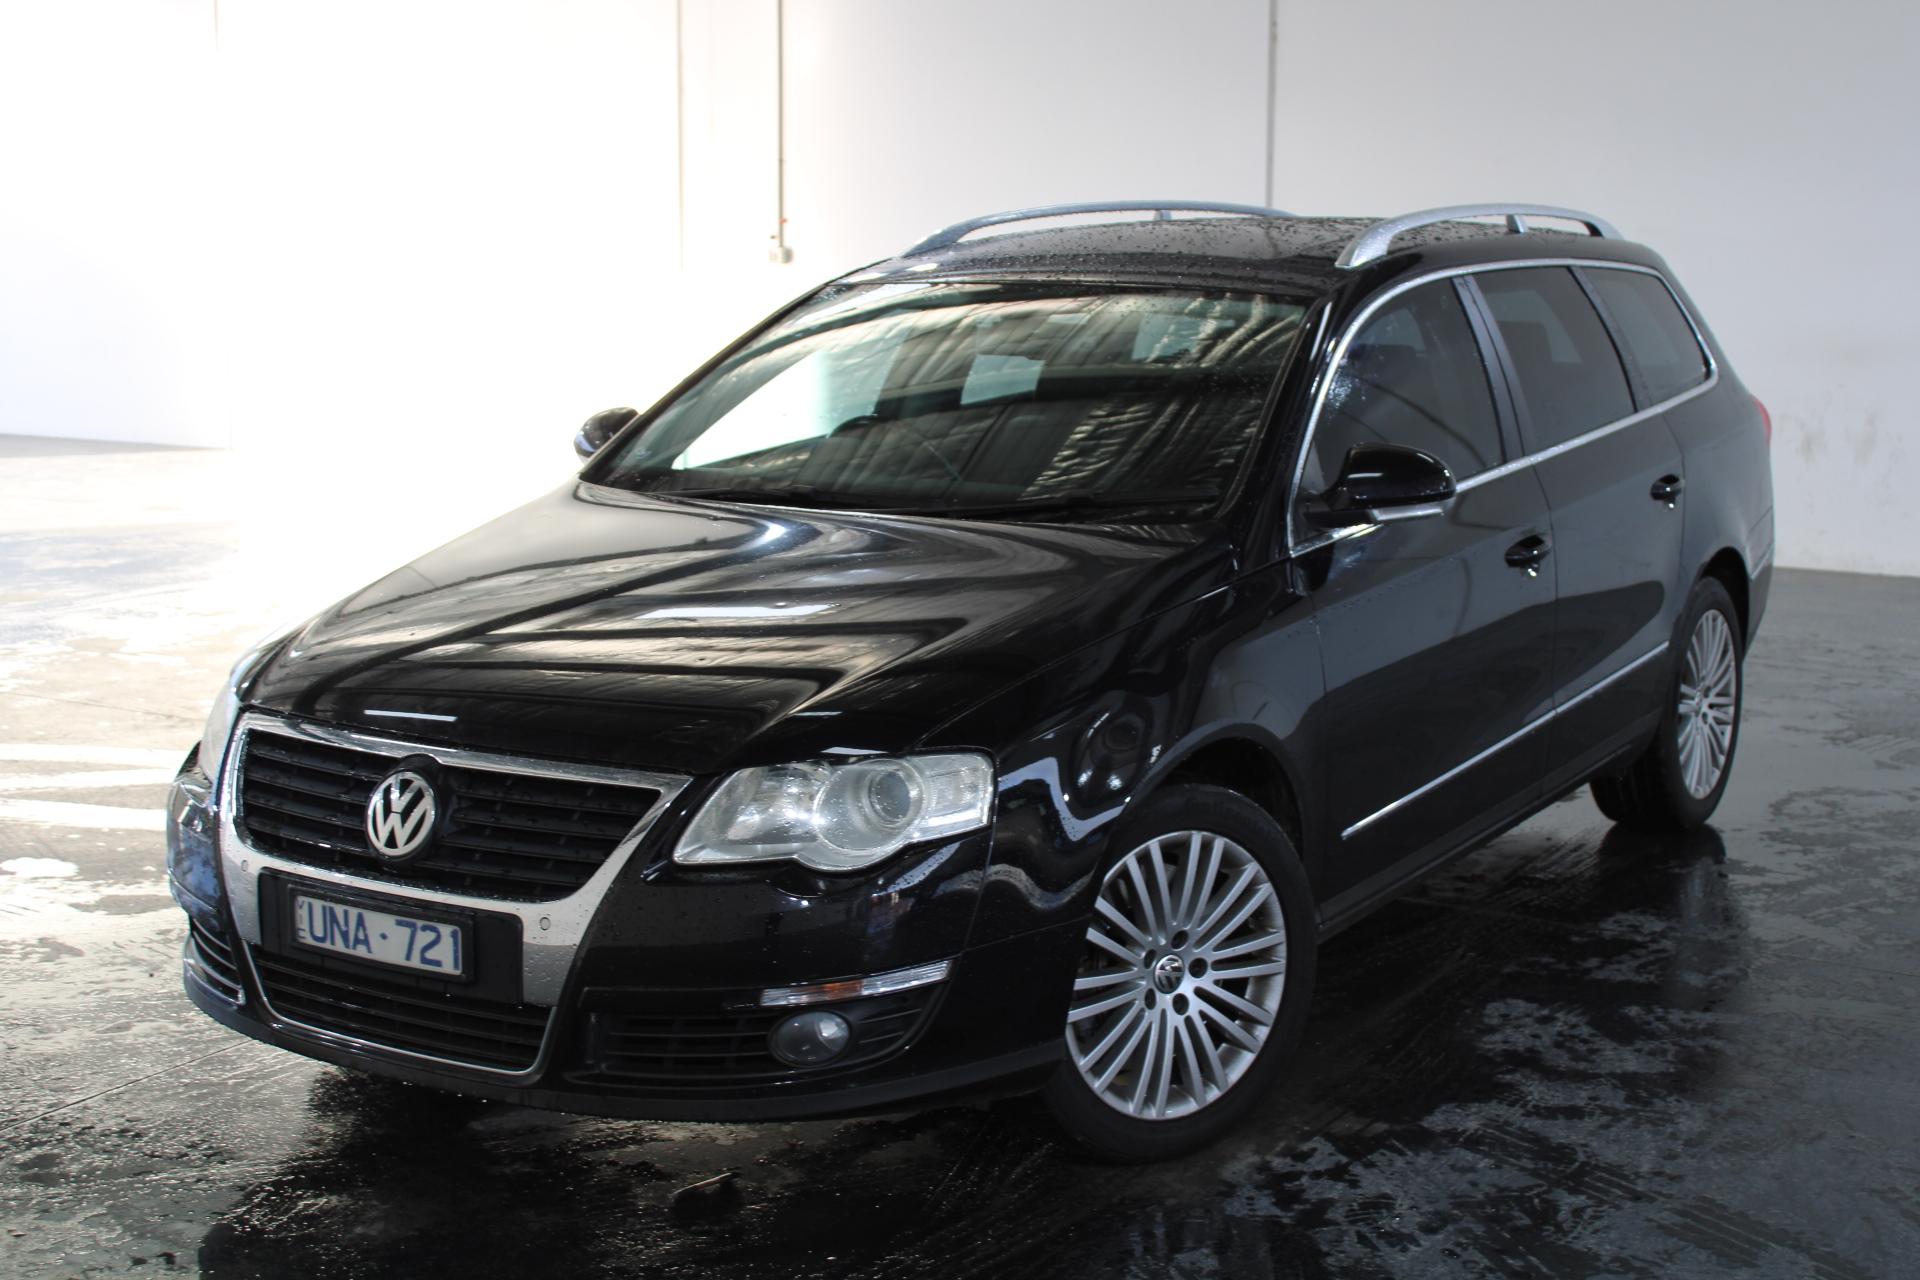 2006 Volkswagen Passat 3.2 V6 FSI 3C Automatic Wagon